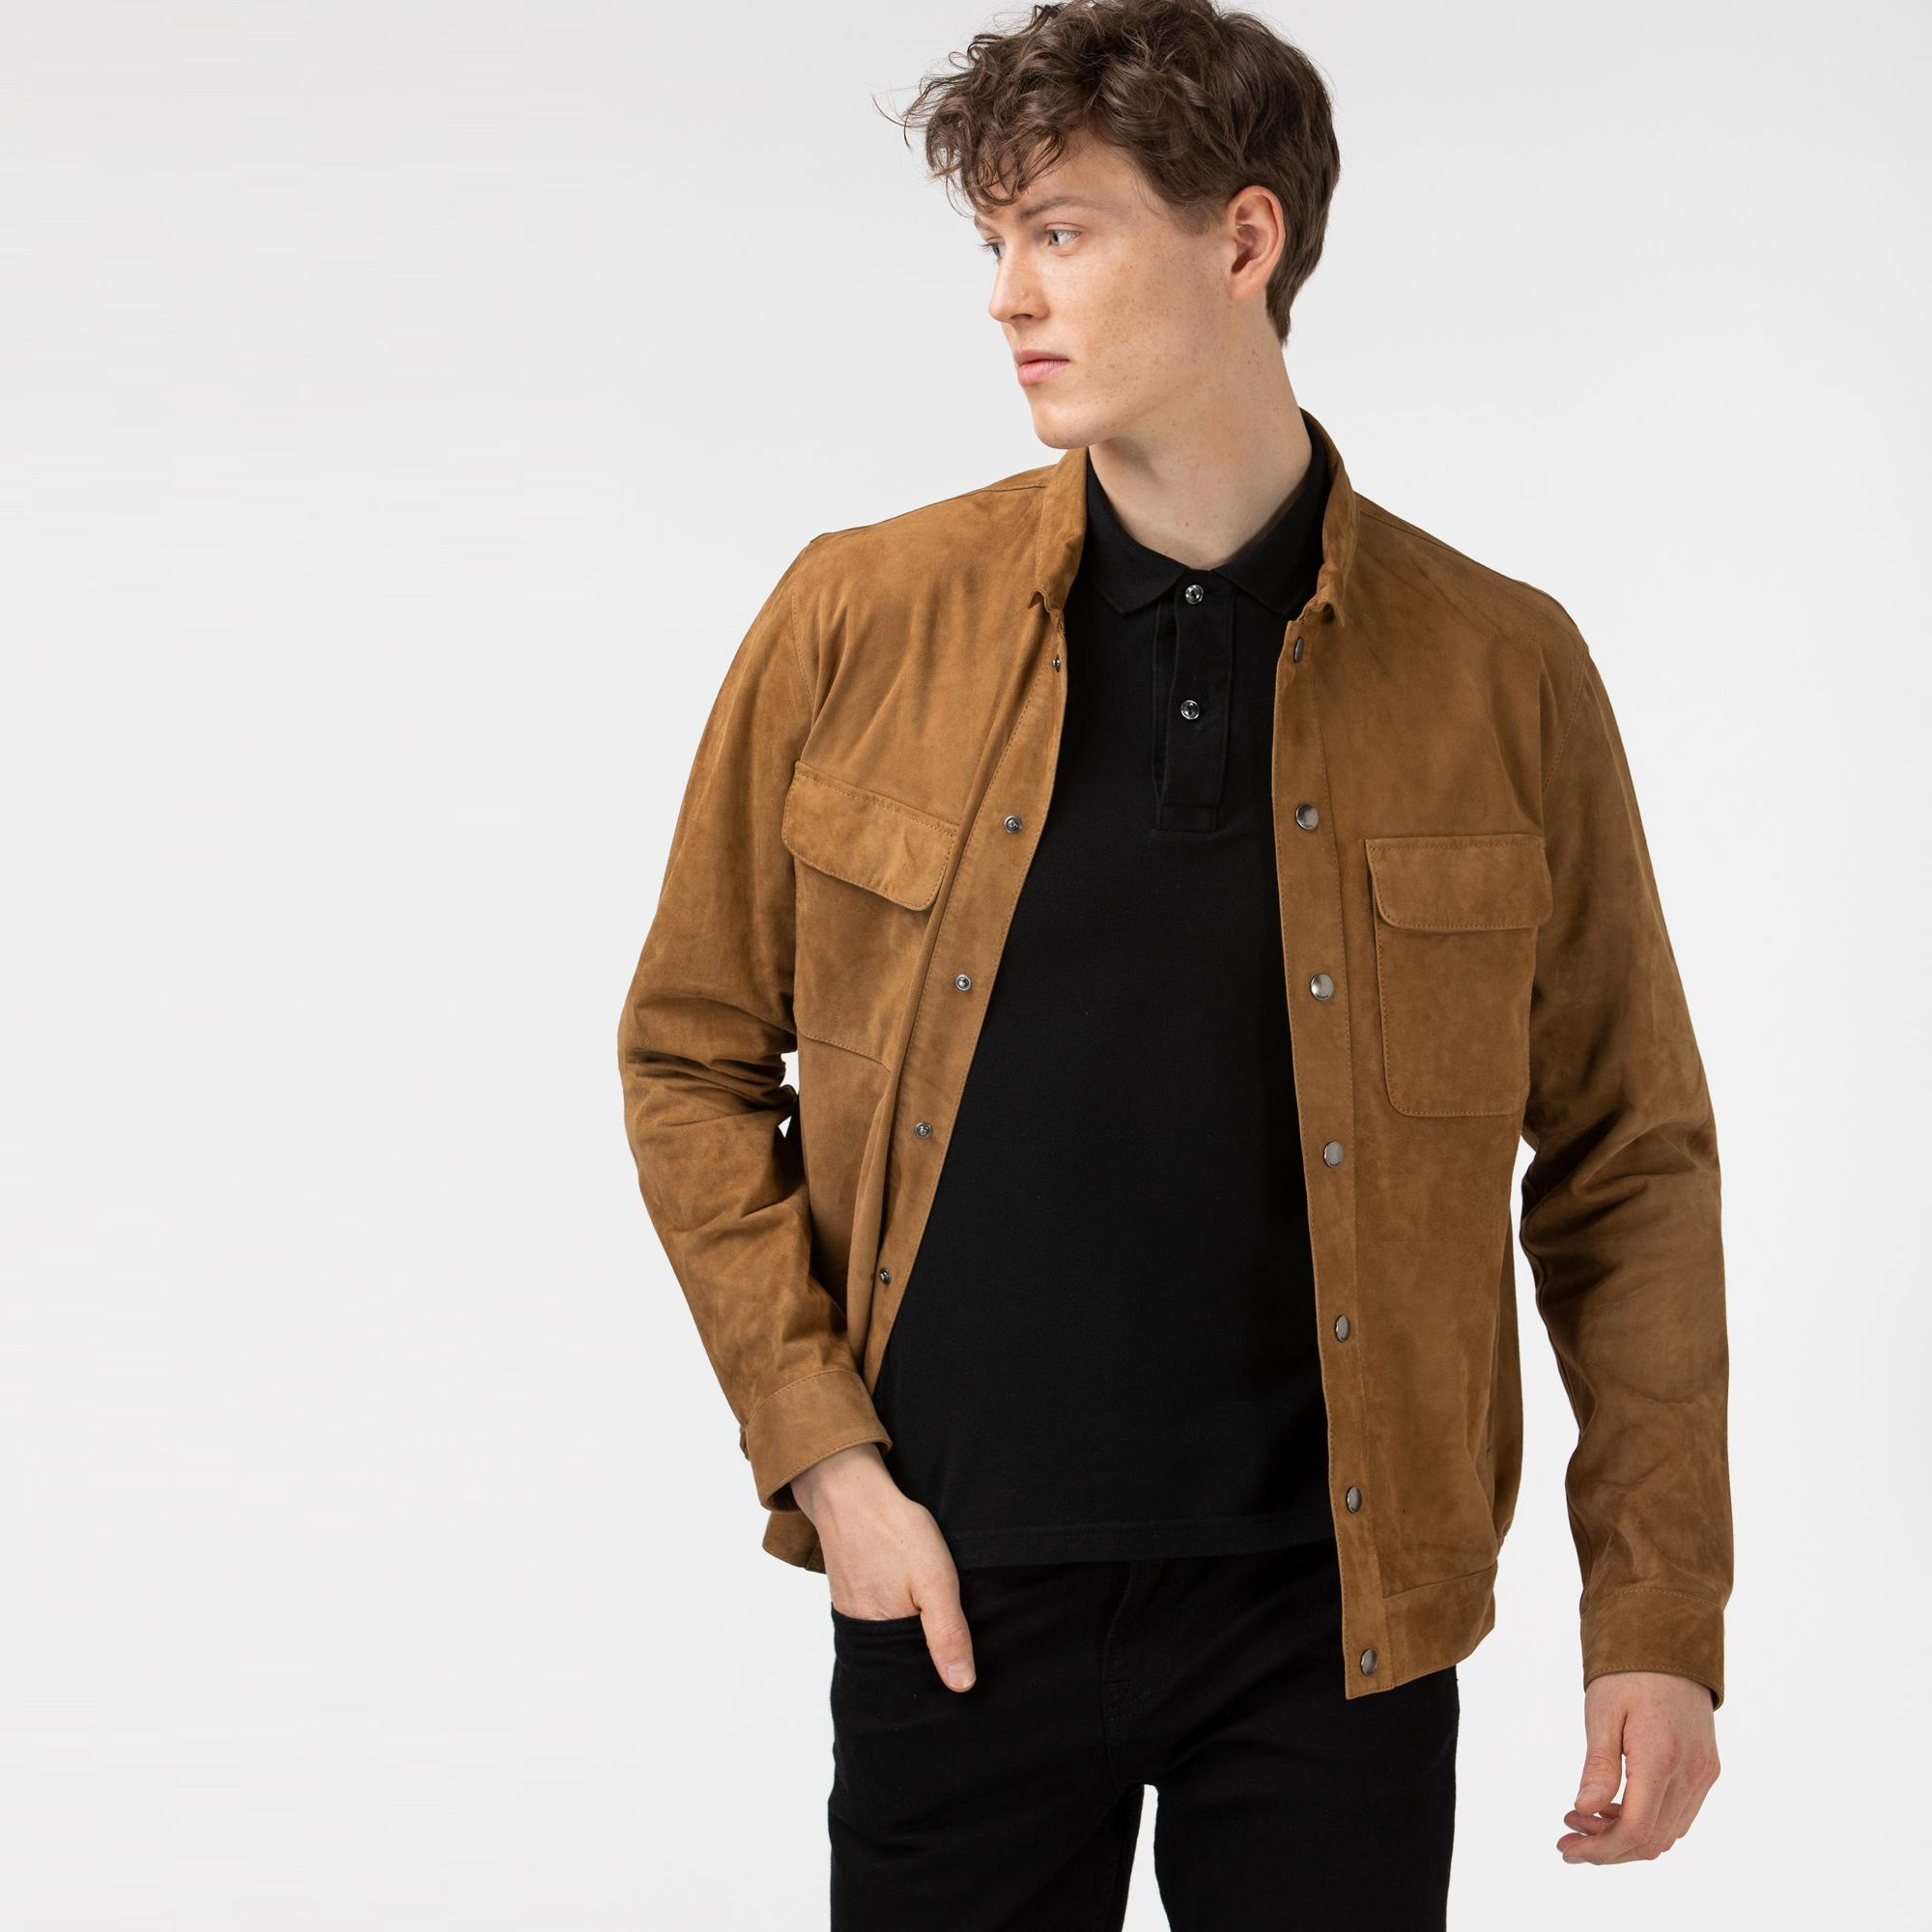 Lacoste Erkek Gömlek Yaka Deri Açık Kahverengi Ceket